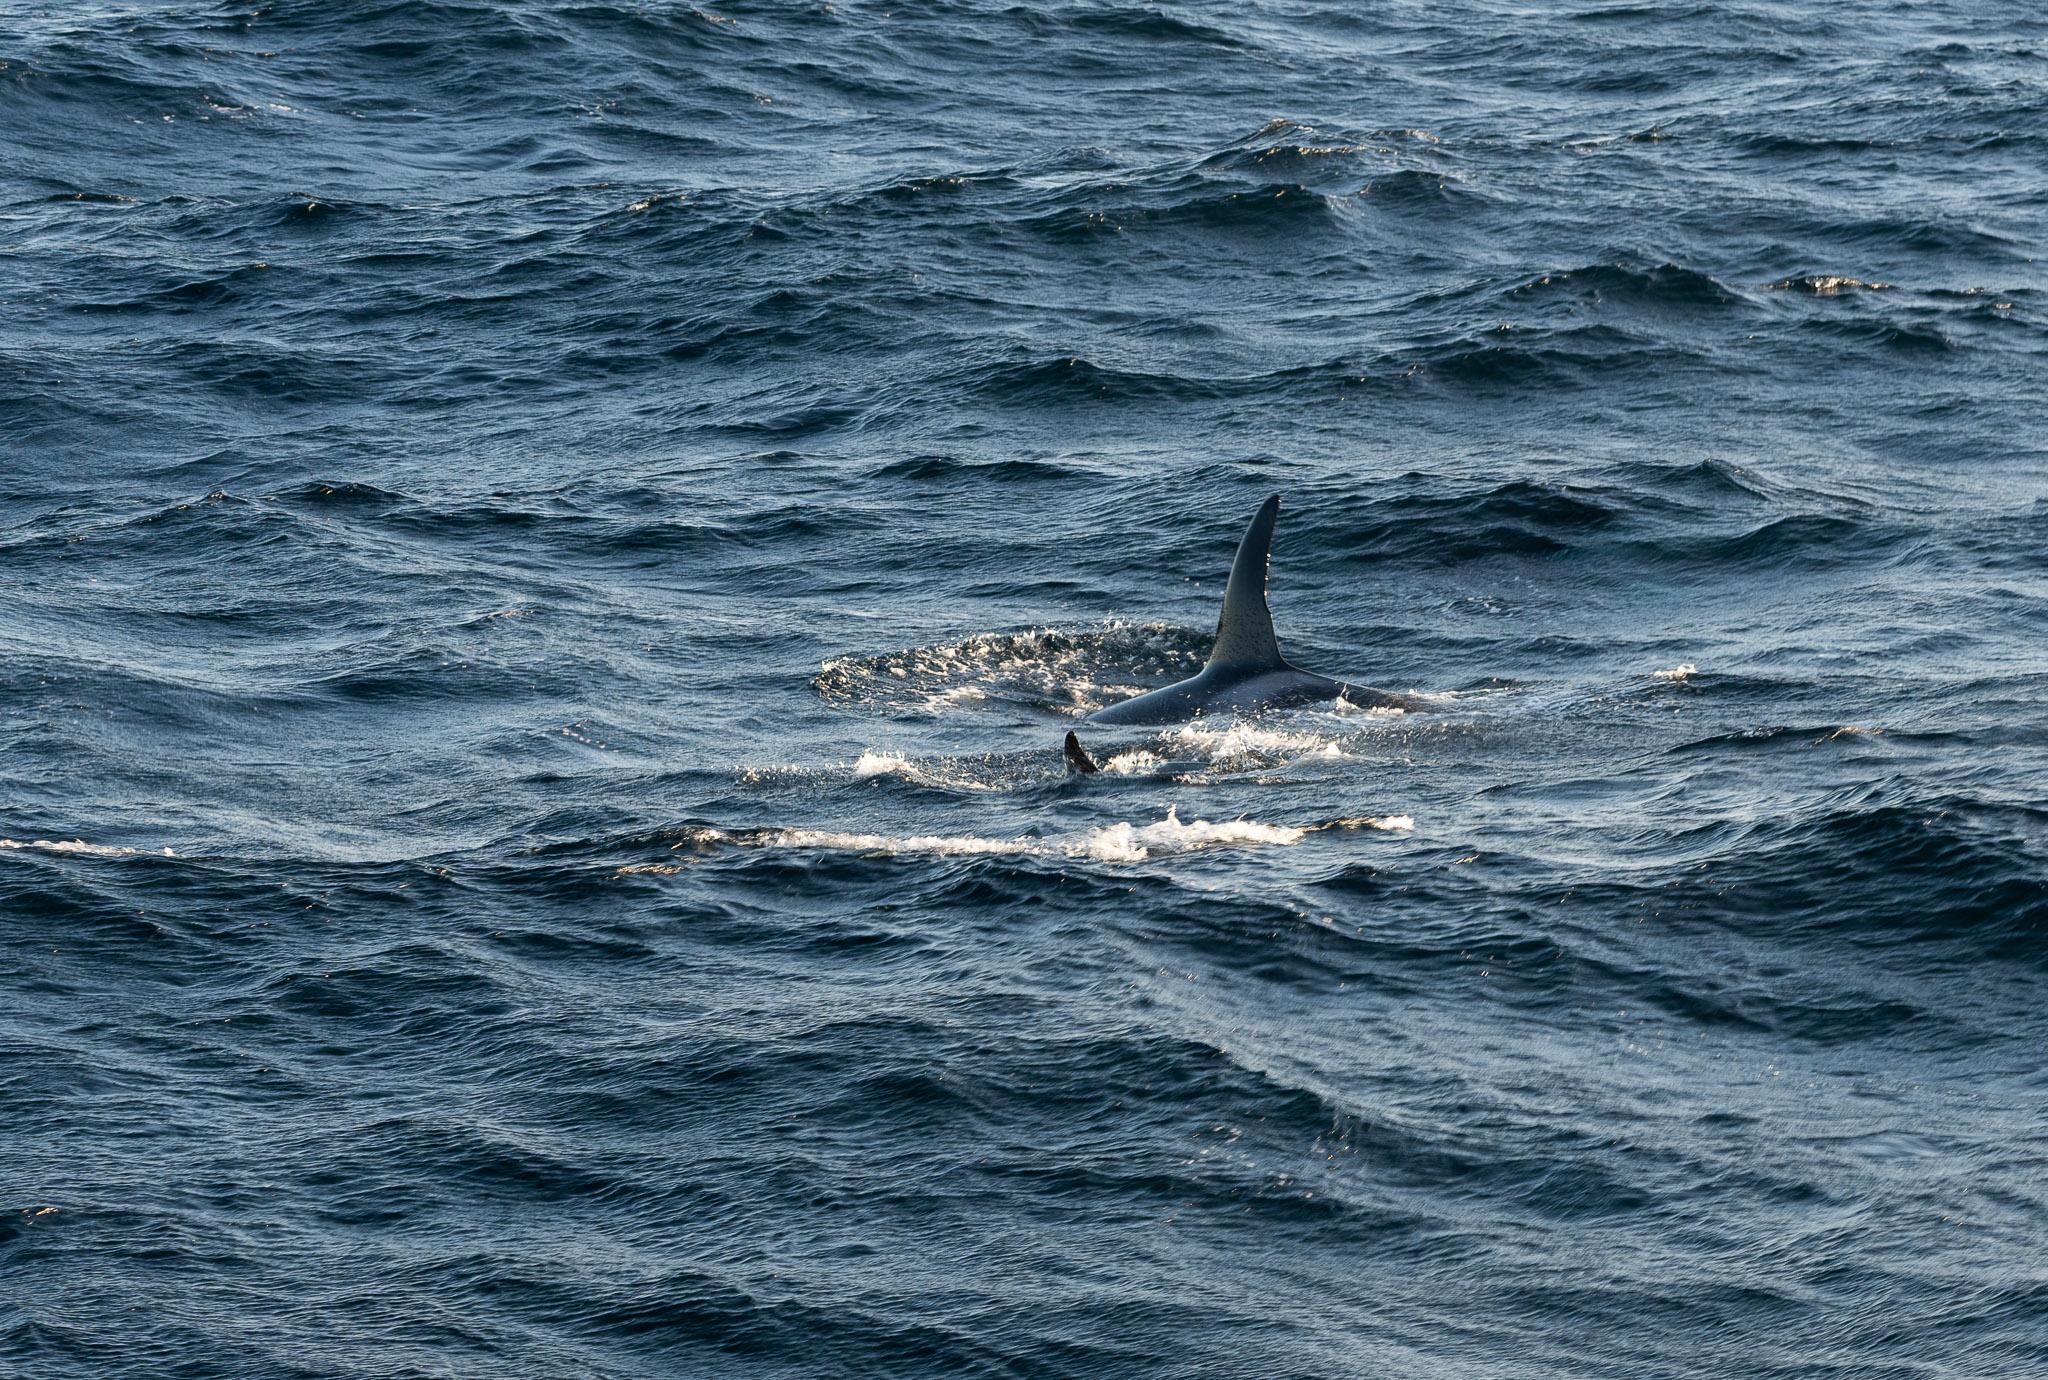 Zwei Orcas...